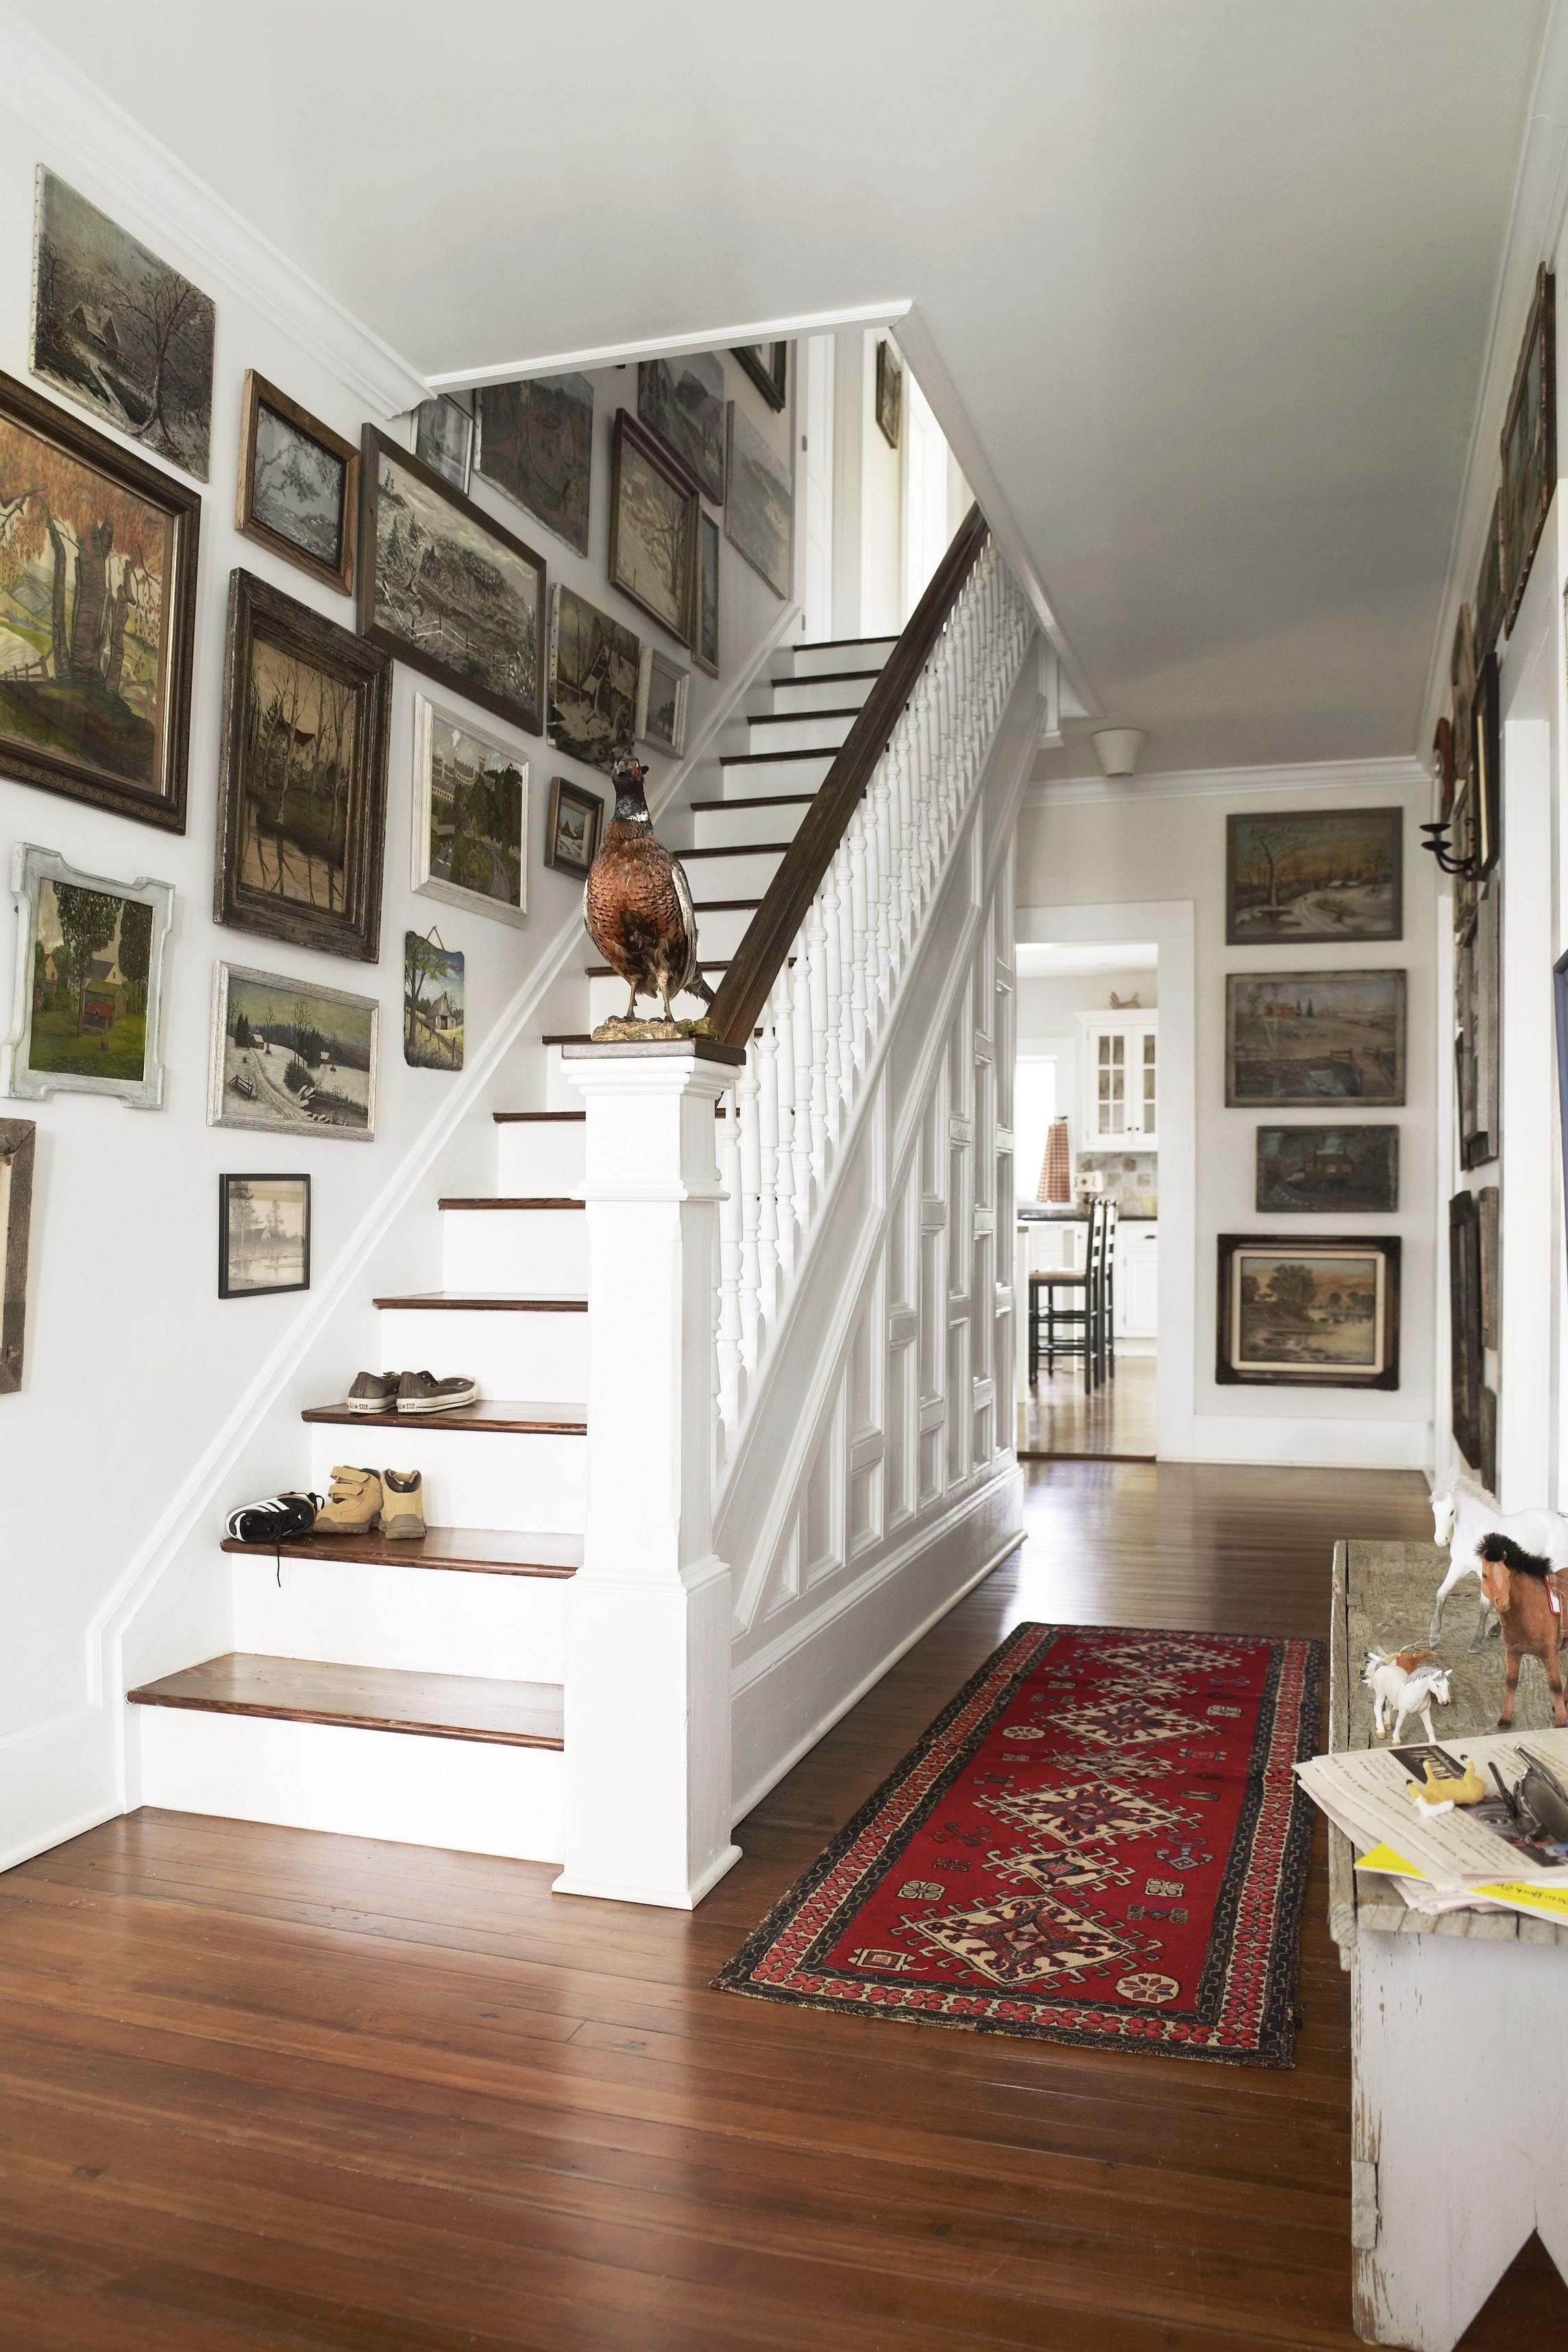 Escalier Dans Maison Ancienne ans #cette #devez #incroyable #maison #rénovation #voir